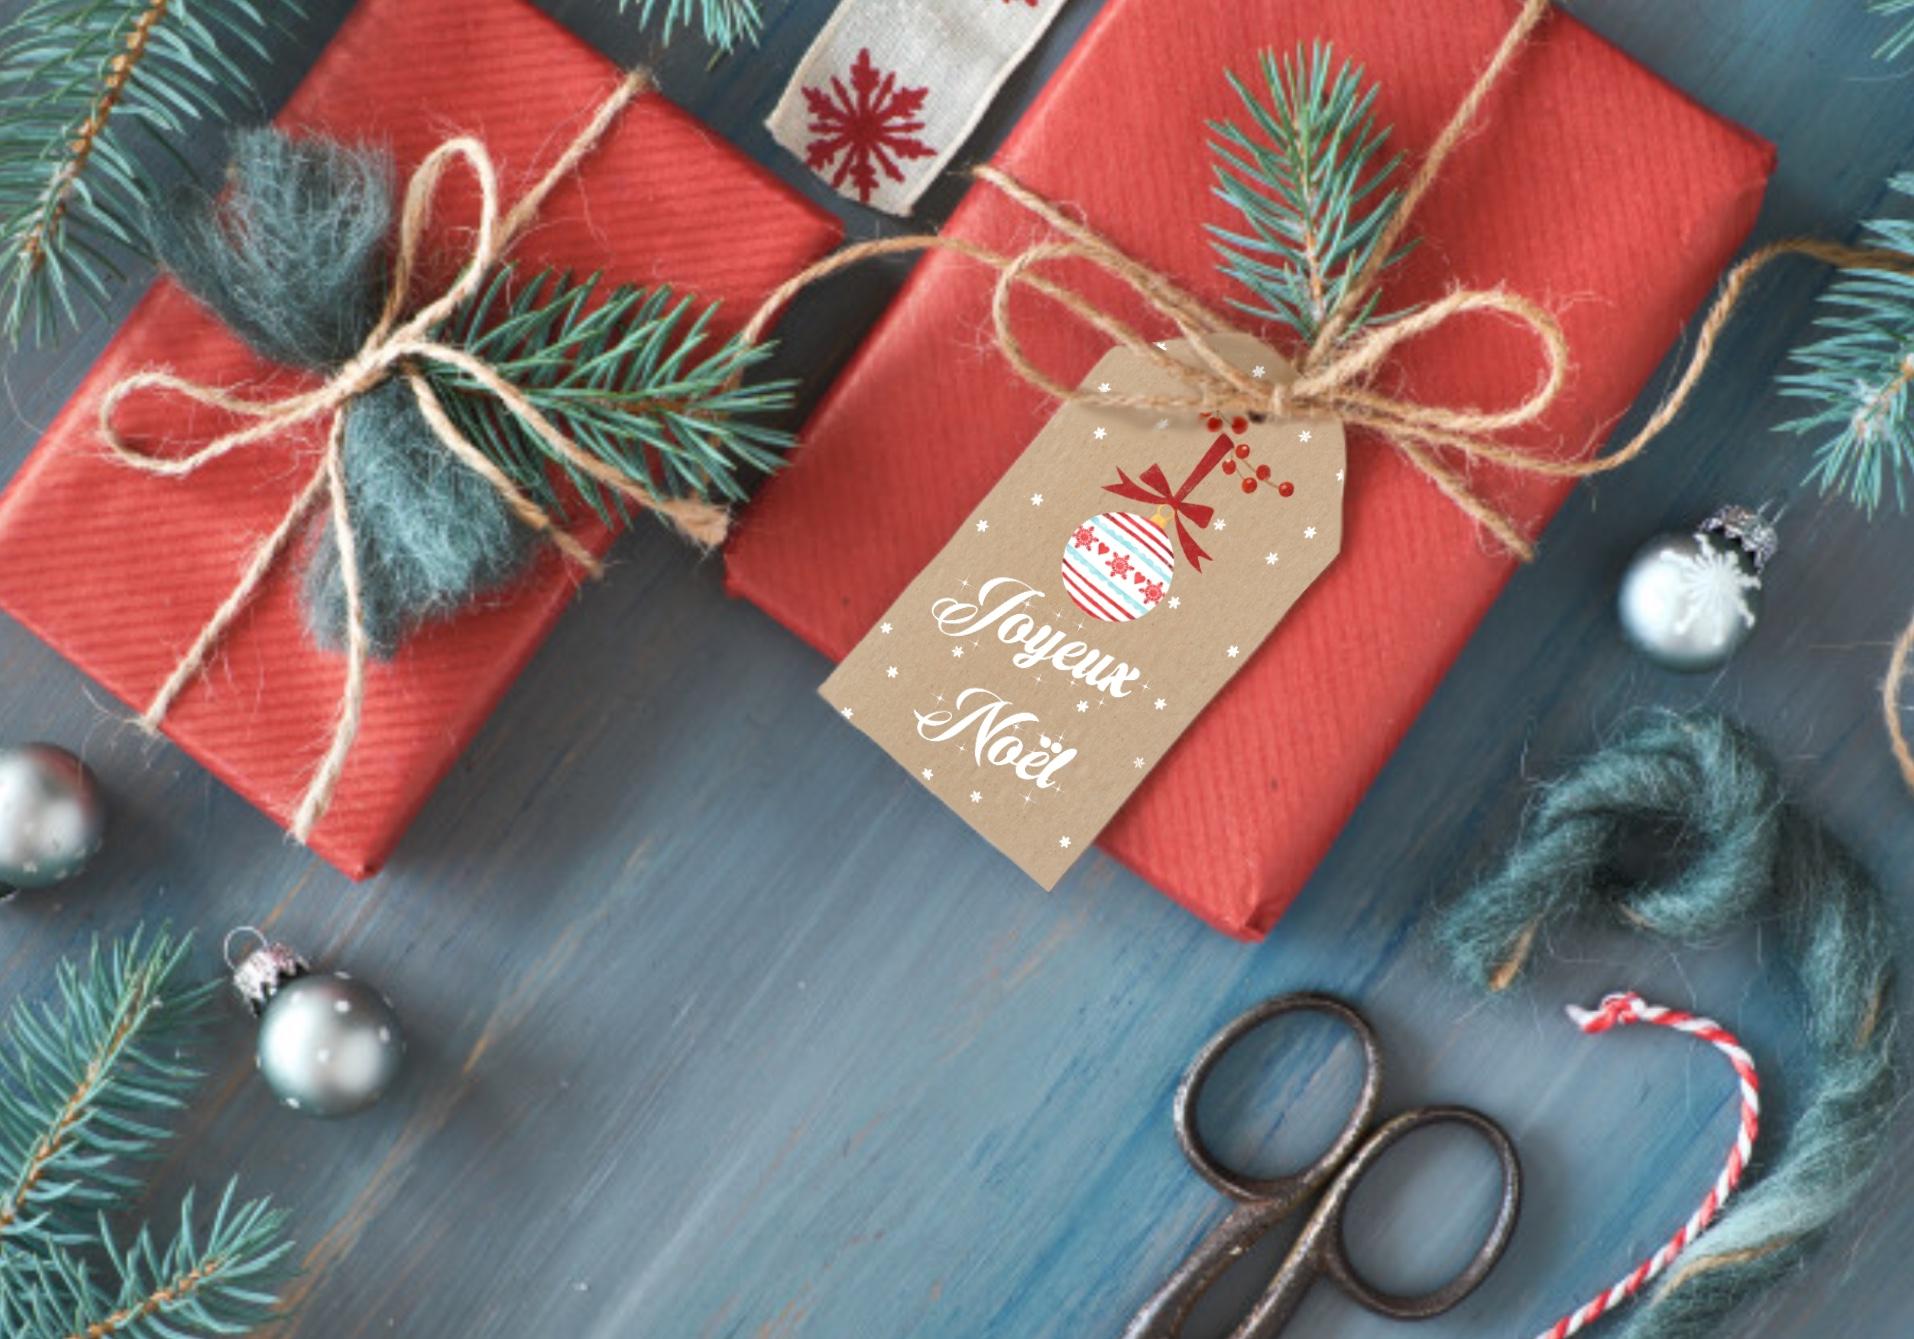 Etiquettes pour cadeaux de Noël - Ophélie FunnyFace - La minute déco